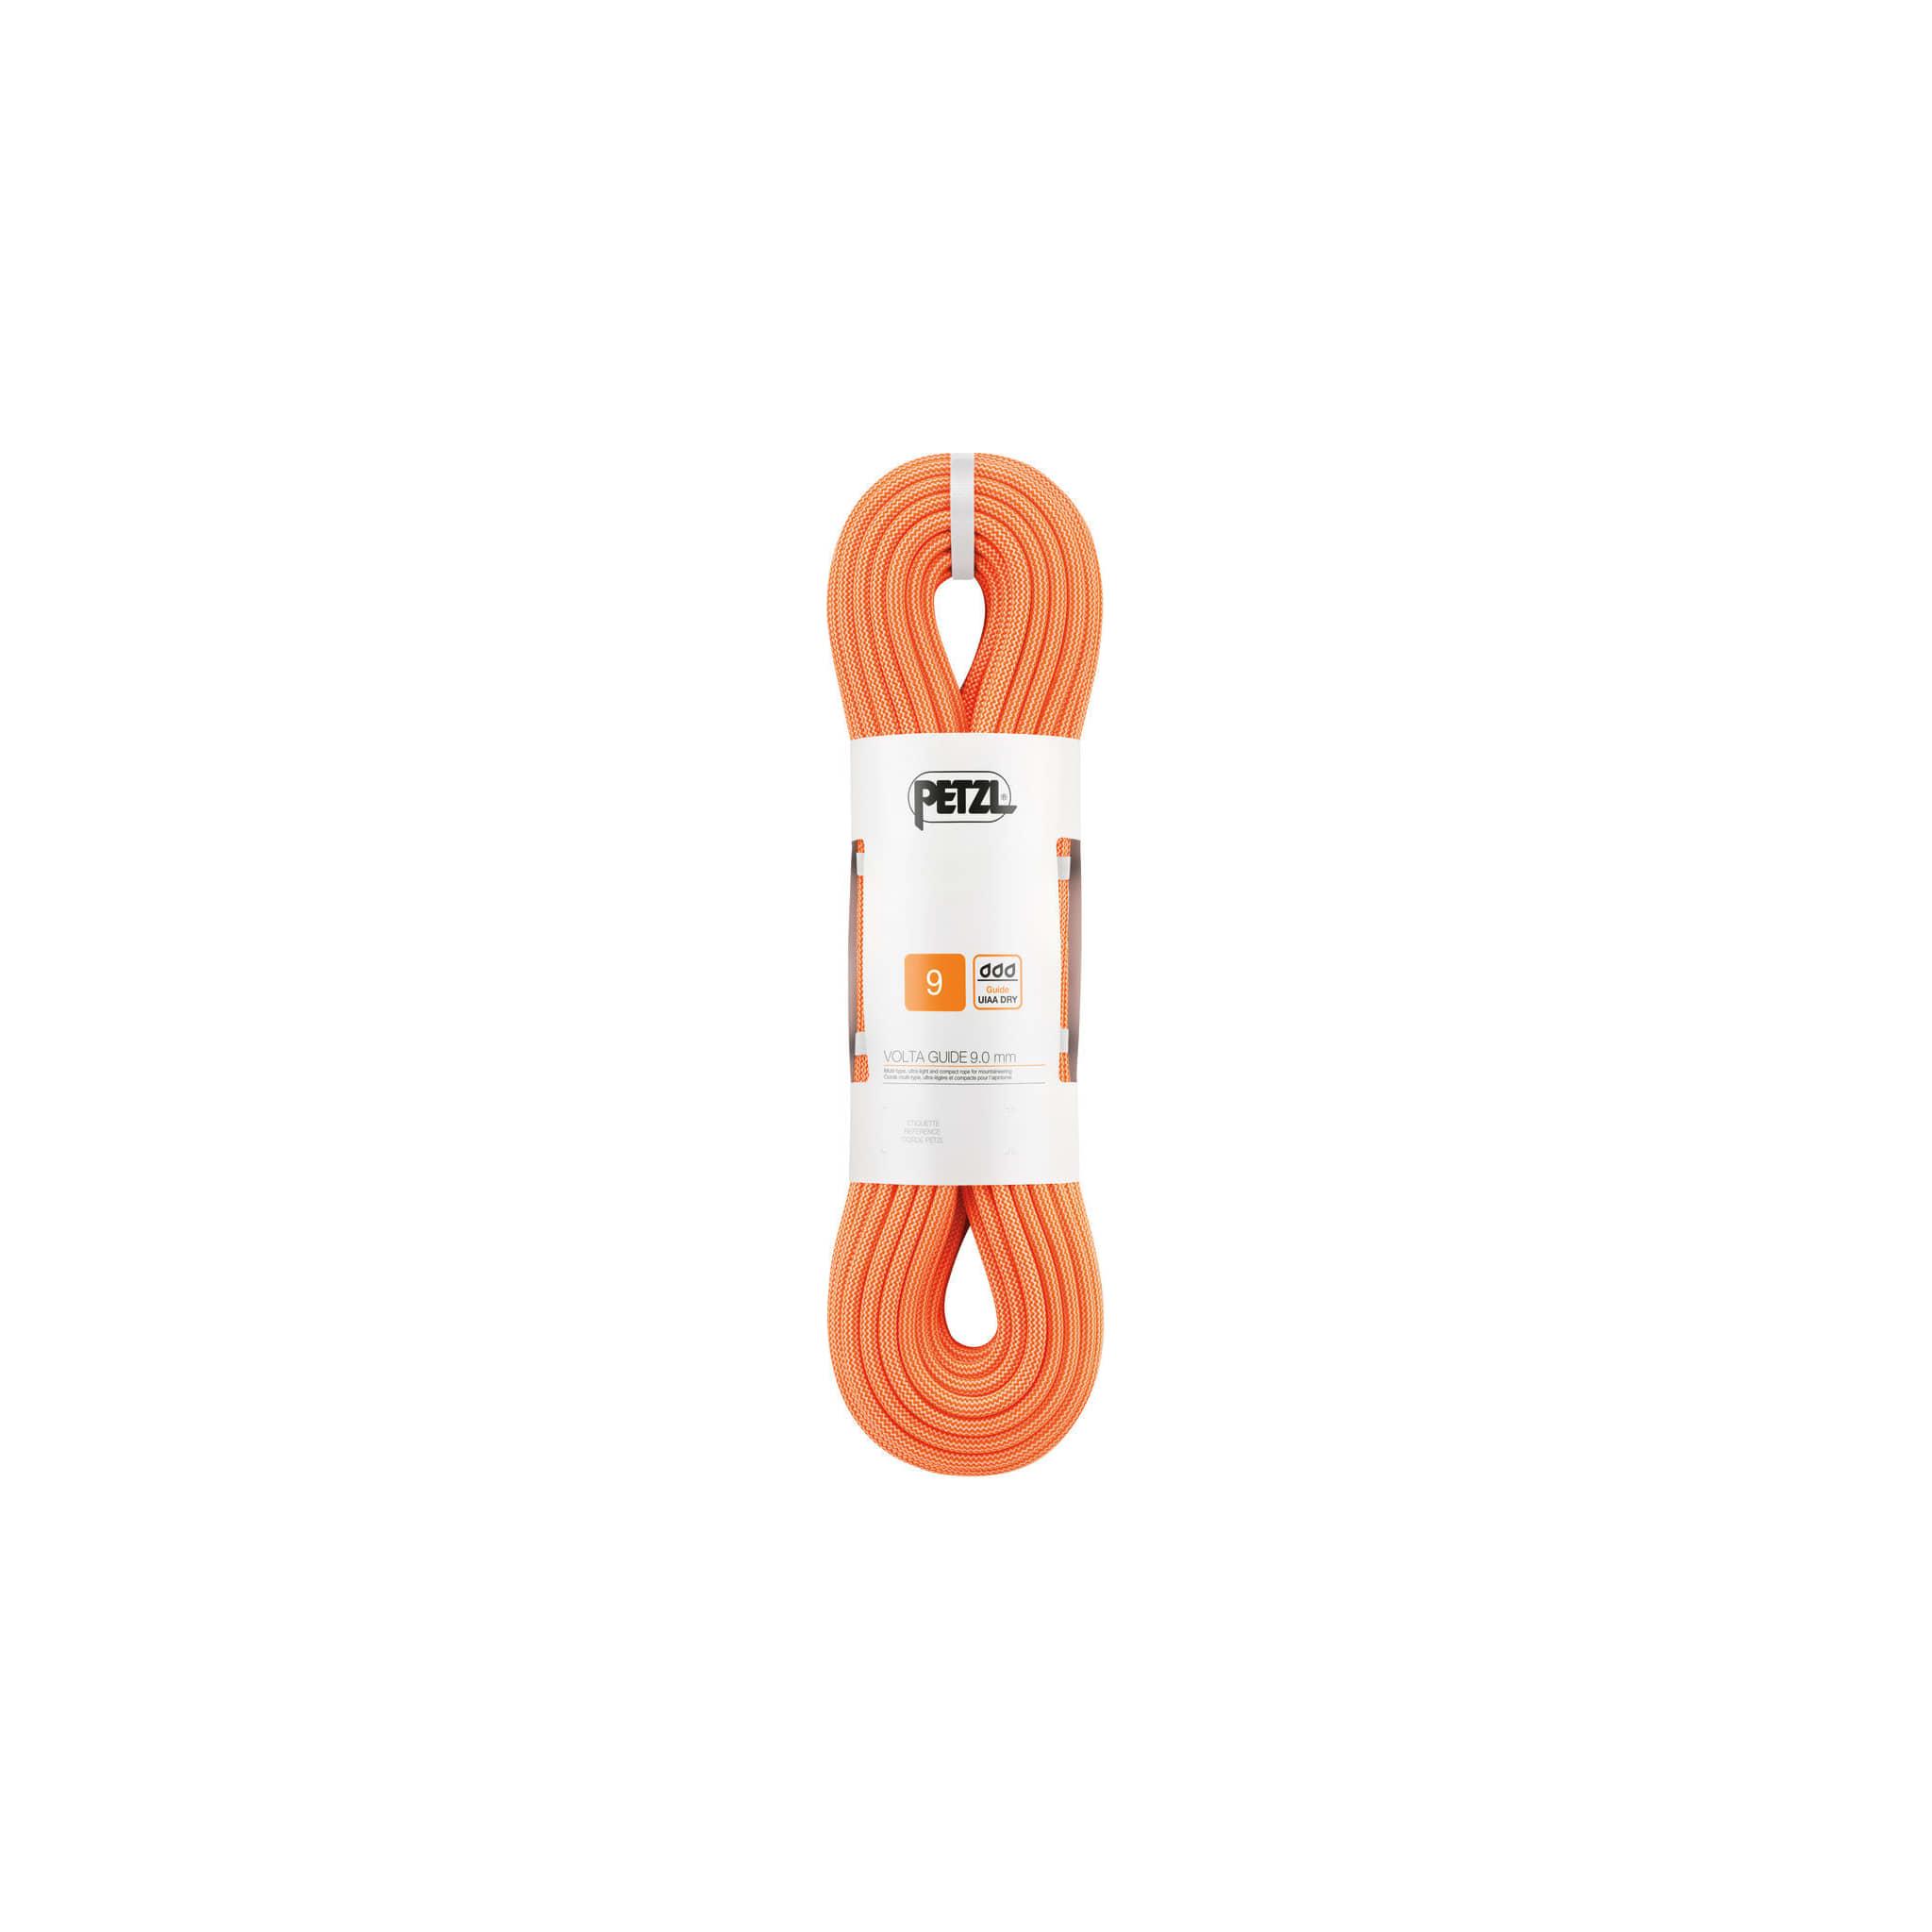 Trippelsertifisert lettvekter med UIAA Guide Dry impregnering